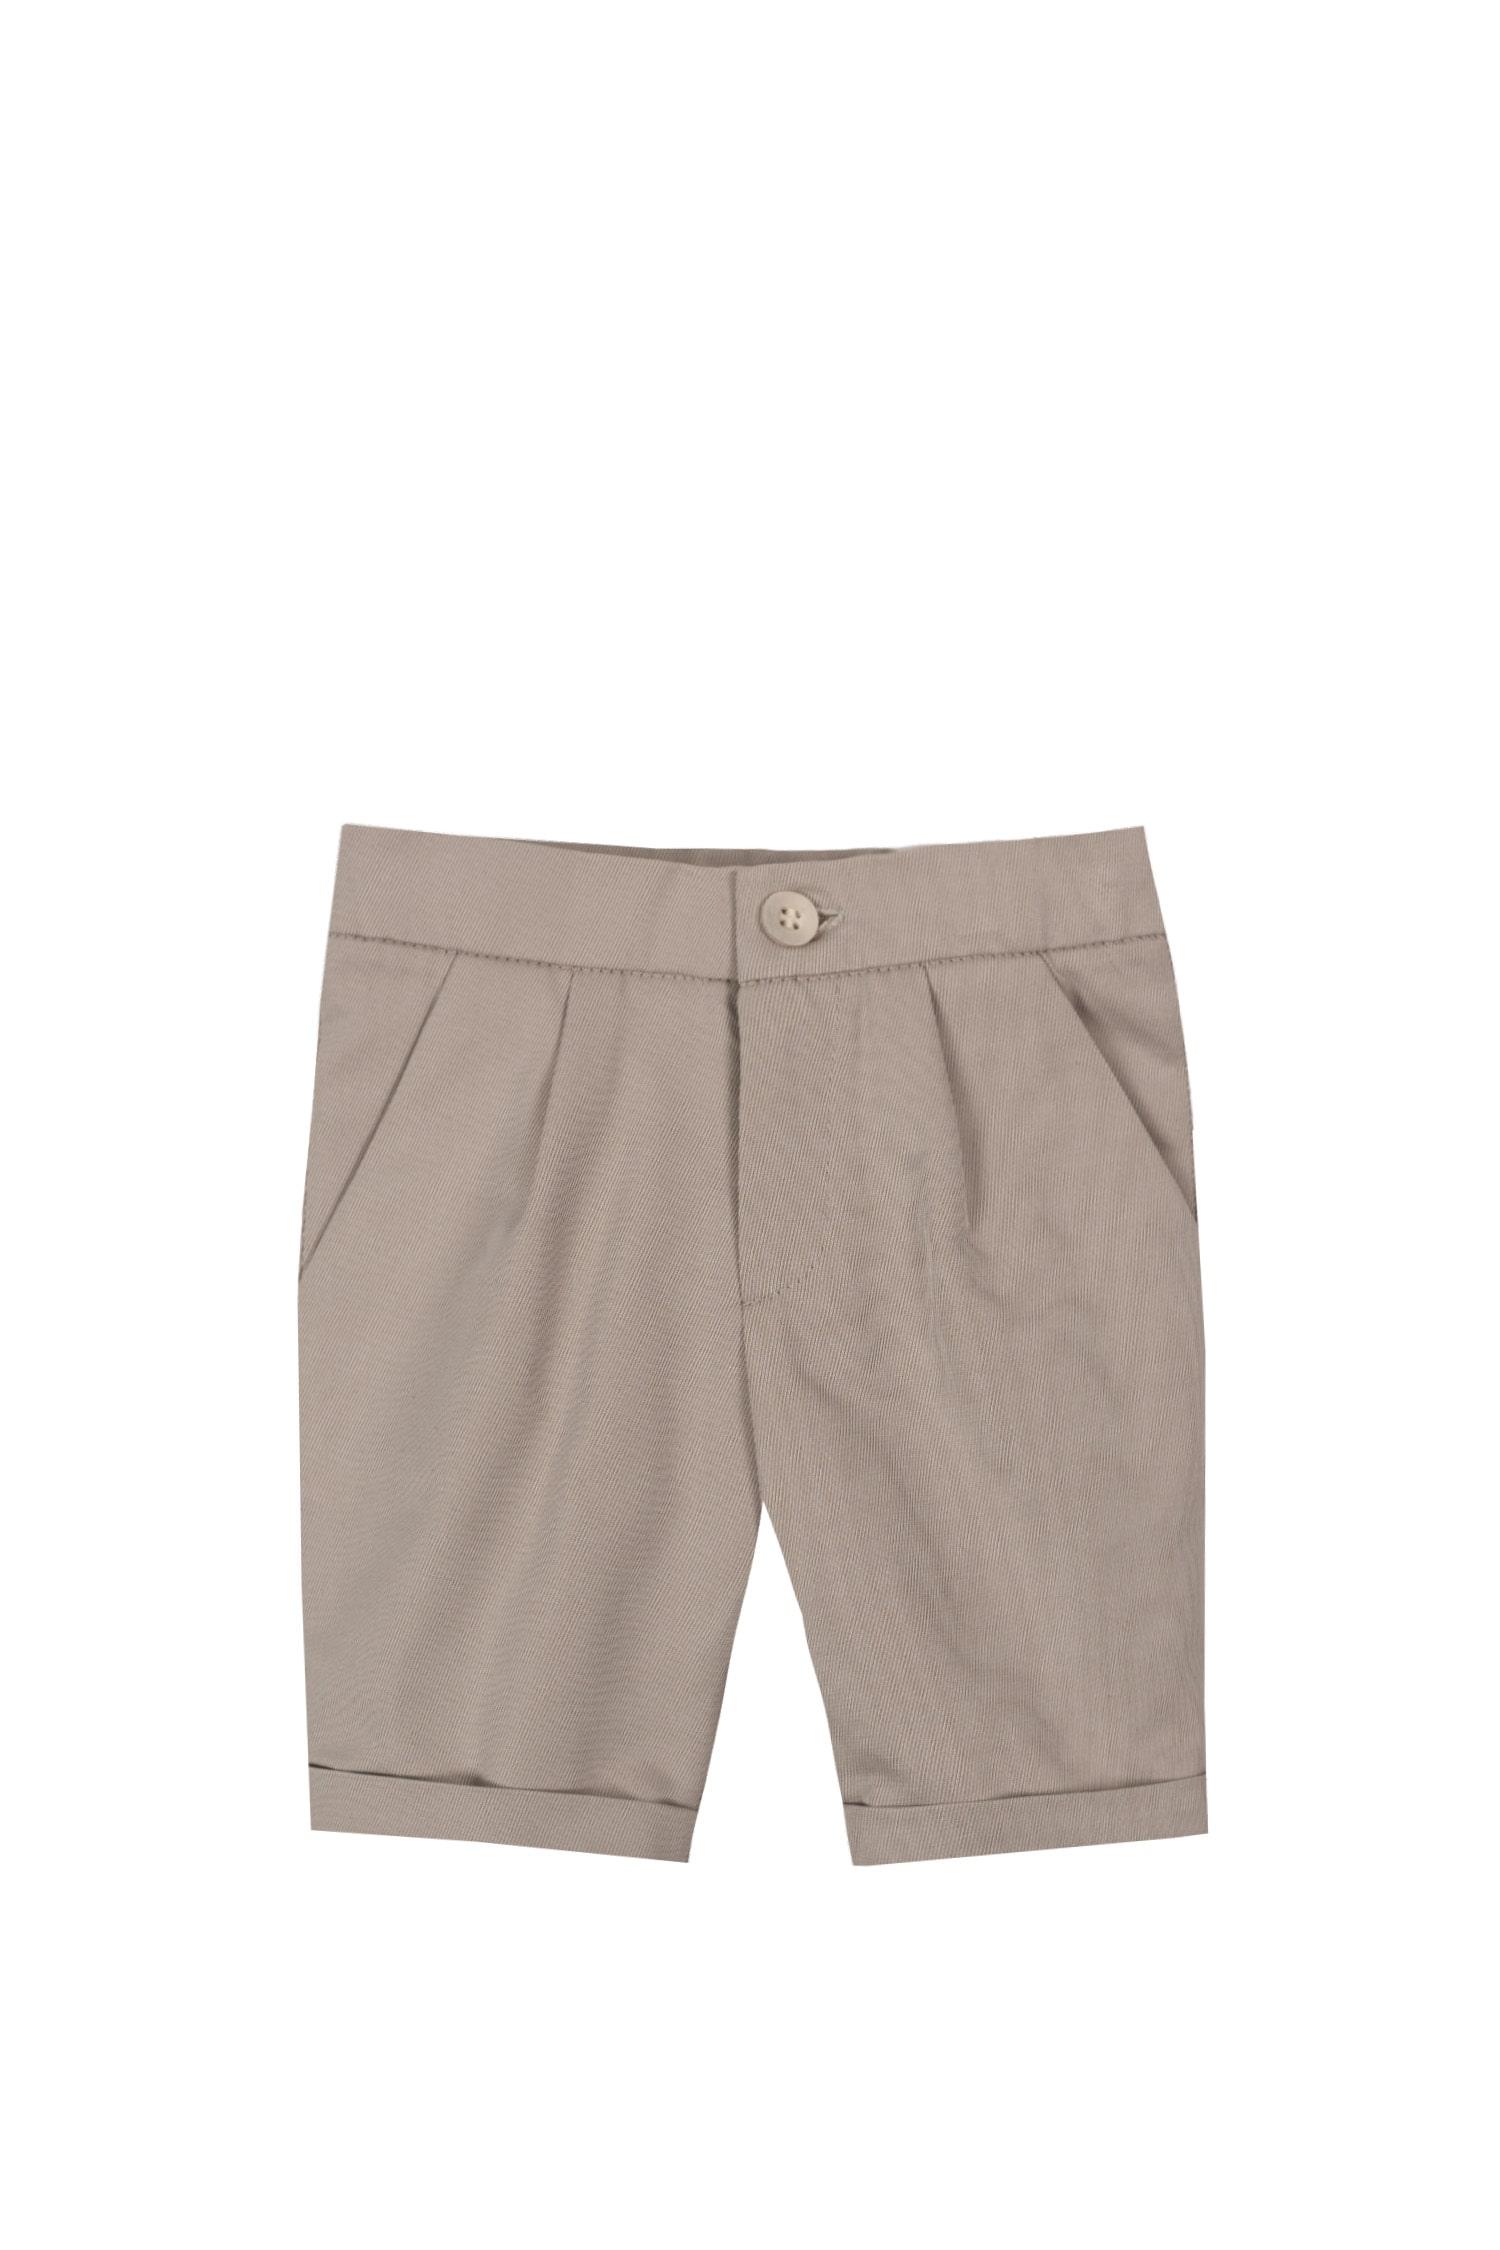 Pantaloni pentru bebeluși Fabio bej